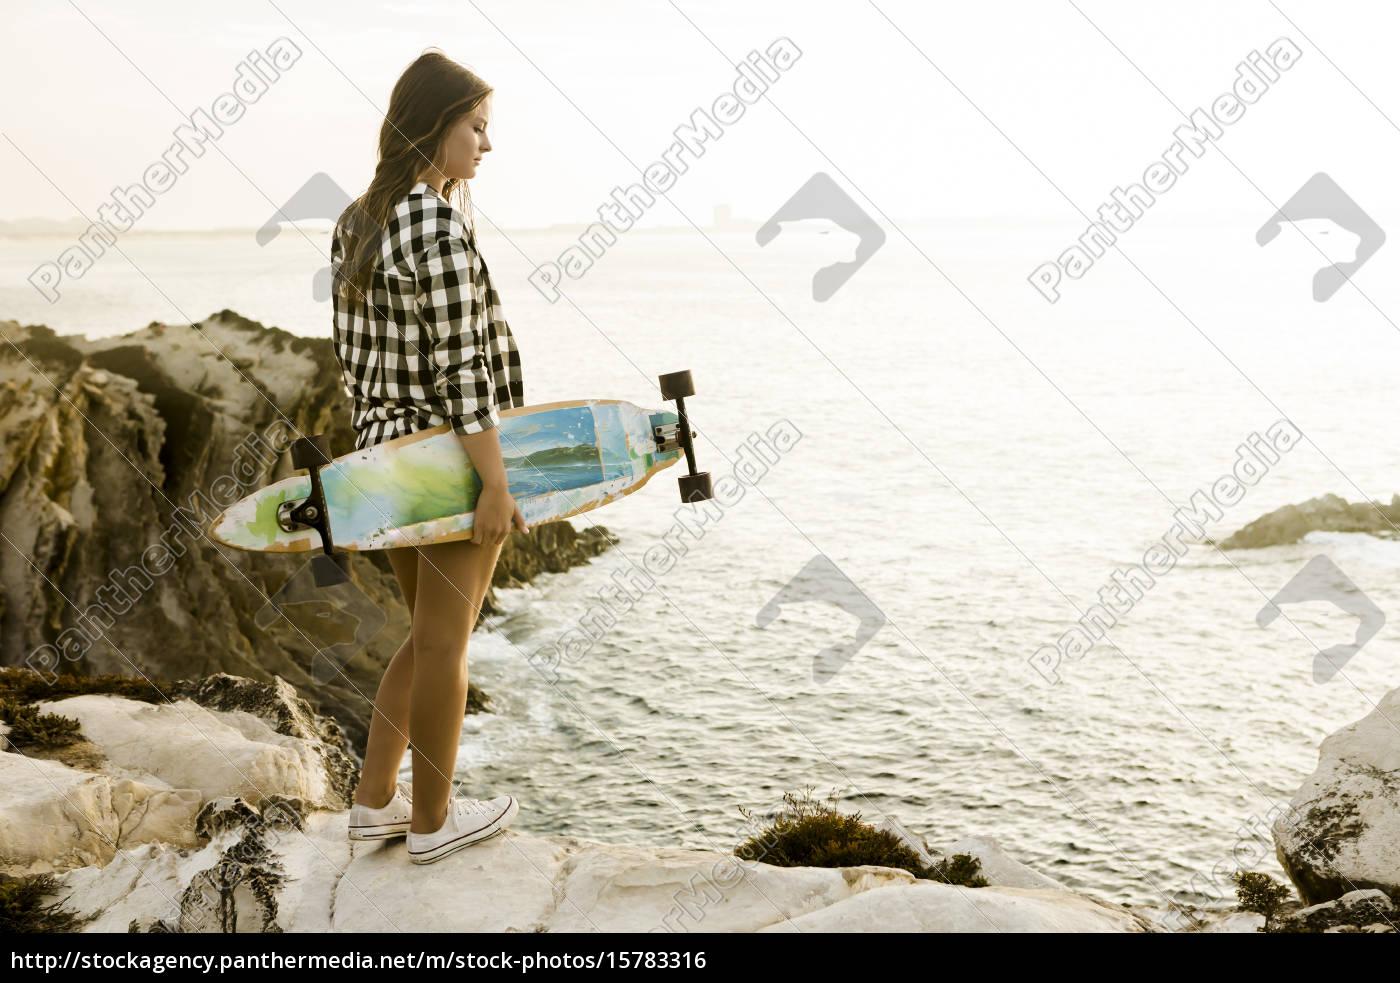 skater, girl - 15783316